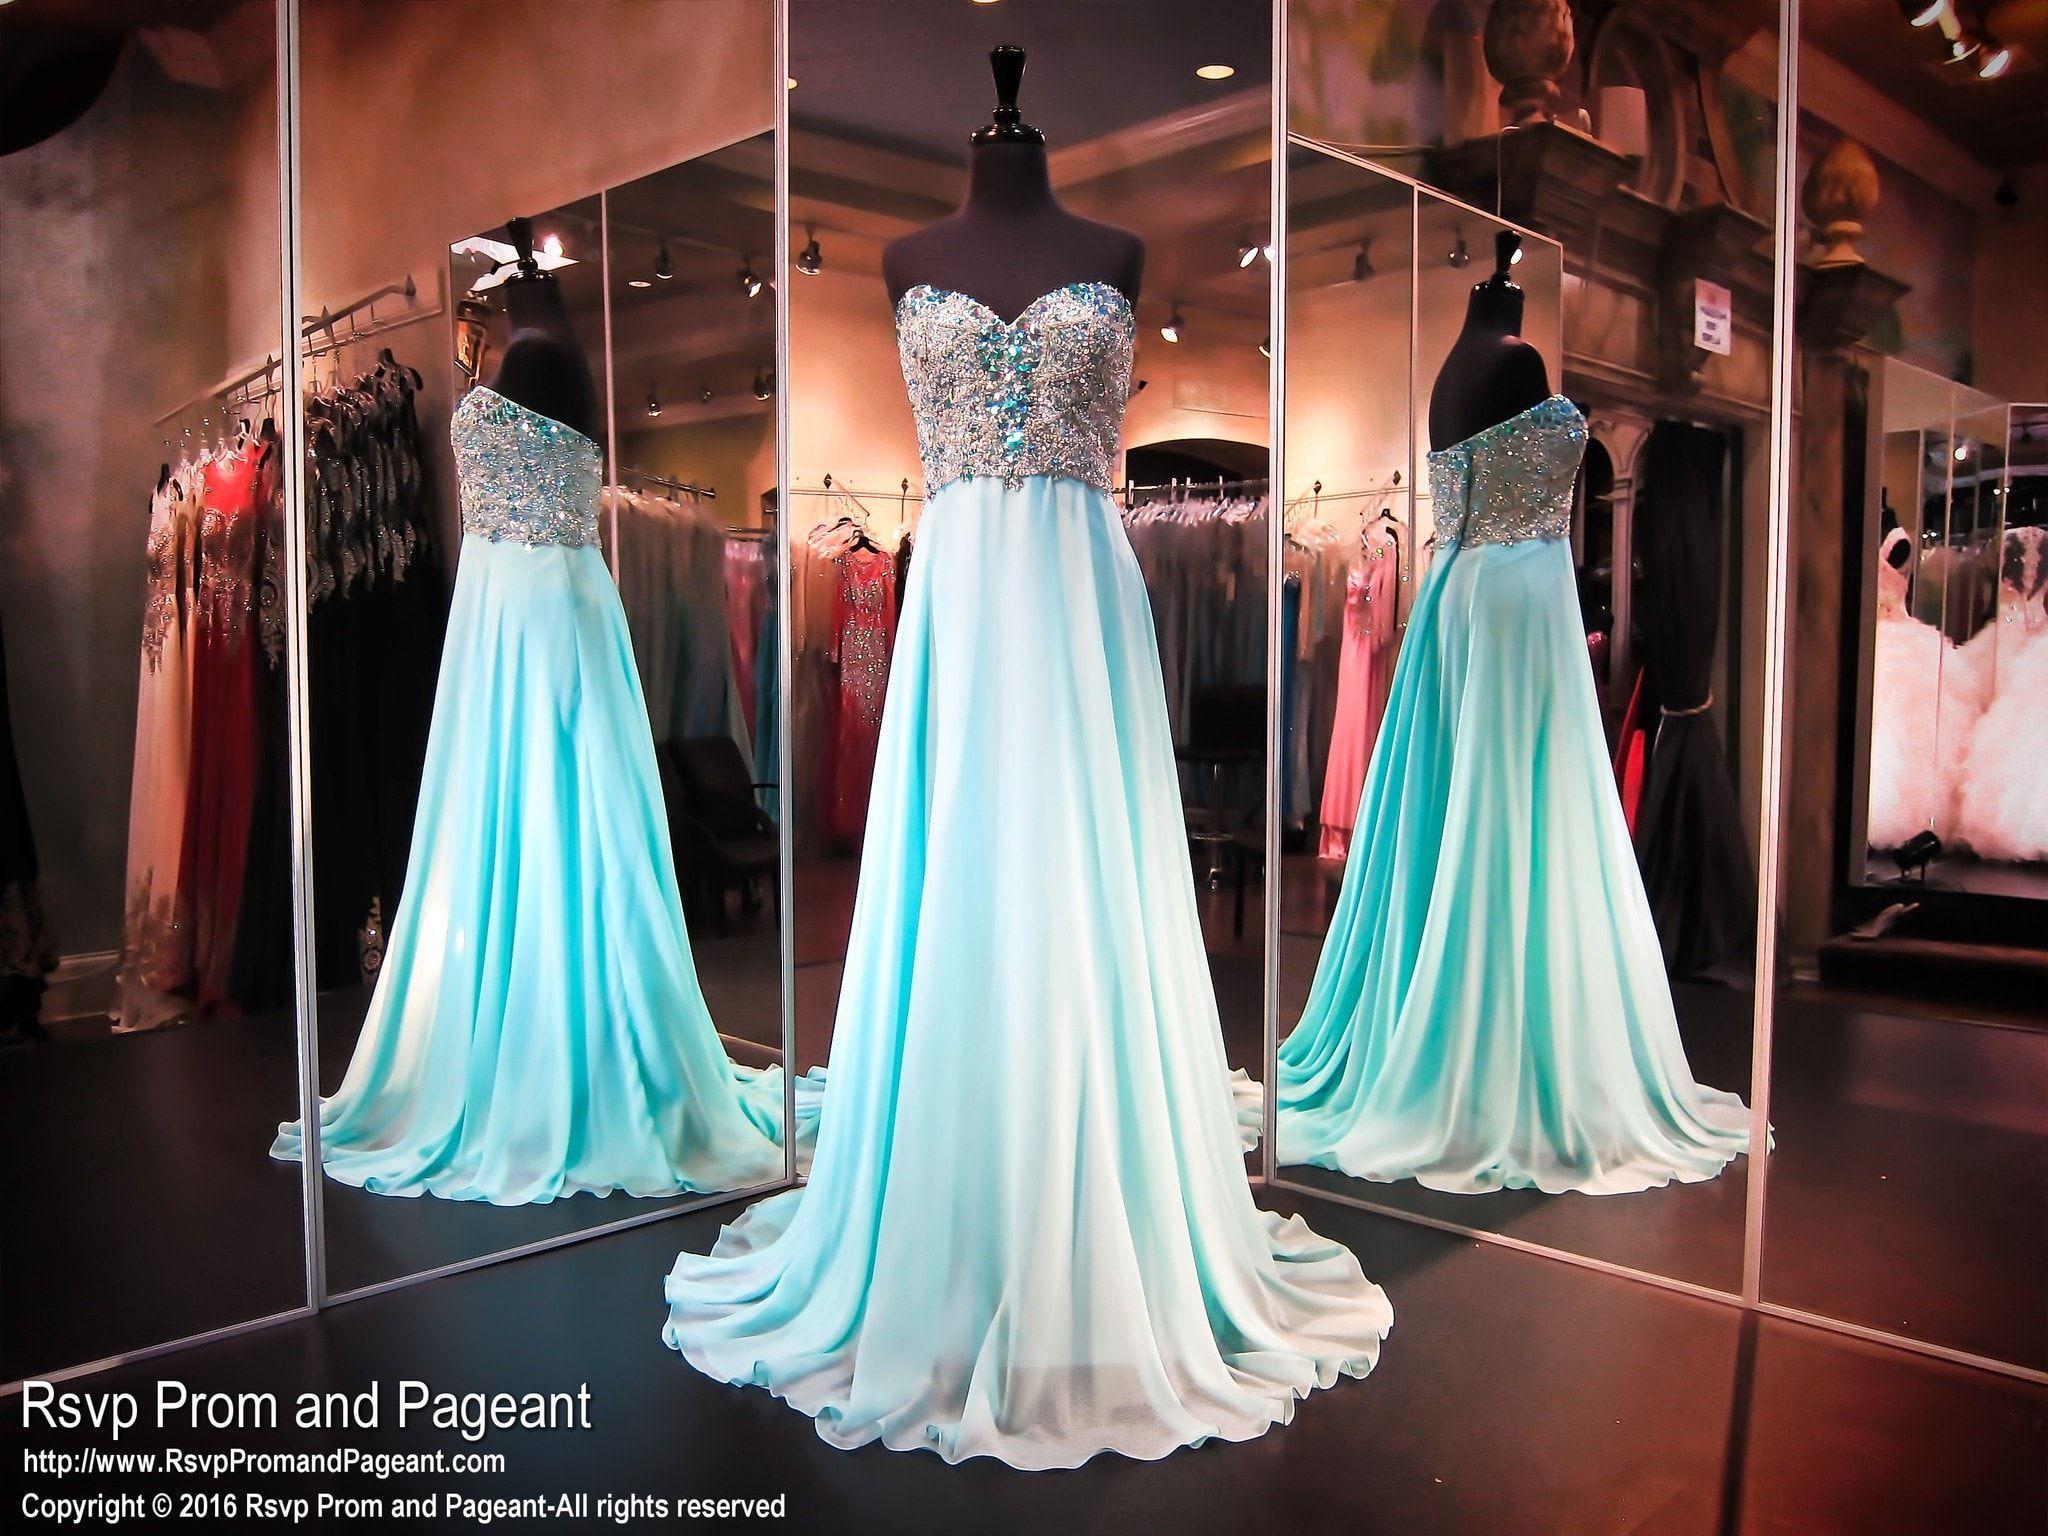 Amazing Atlanta Prom Dresses Images - Wedding Ideas - memiocall.com